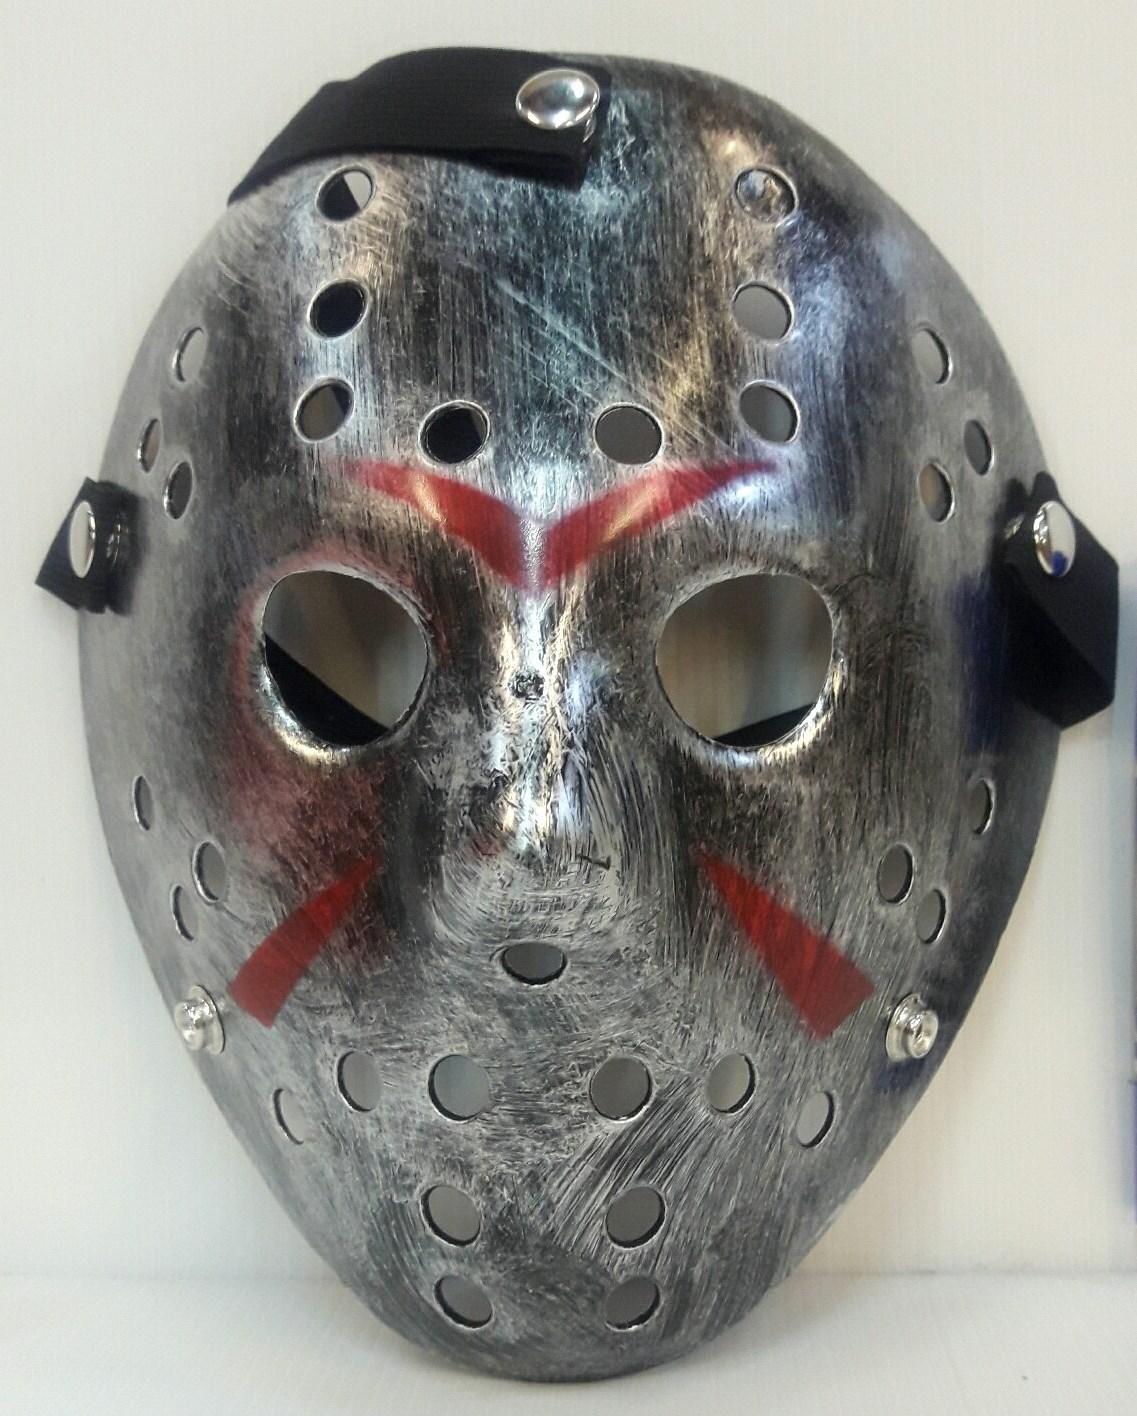 หน้ากากเจสัน ศุกร์13 รุ่นหนา [Jason Hockey Mask]